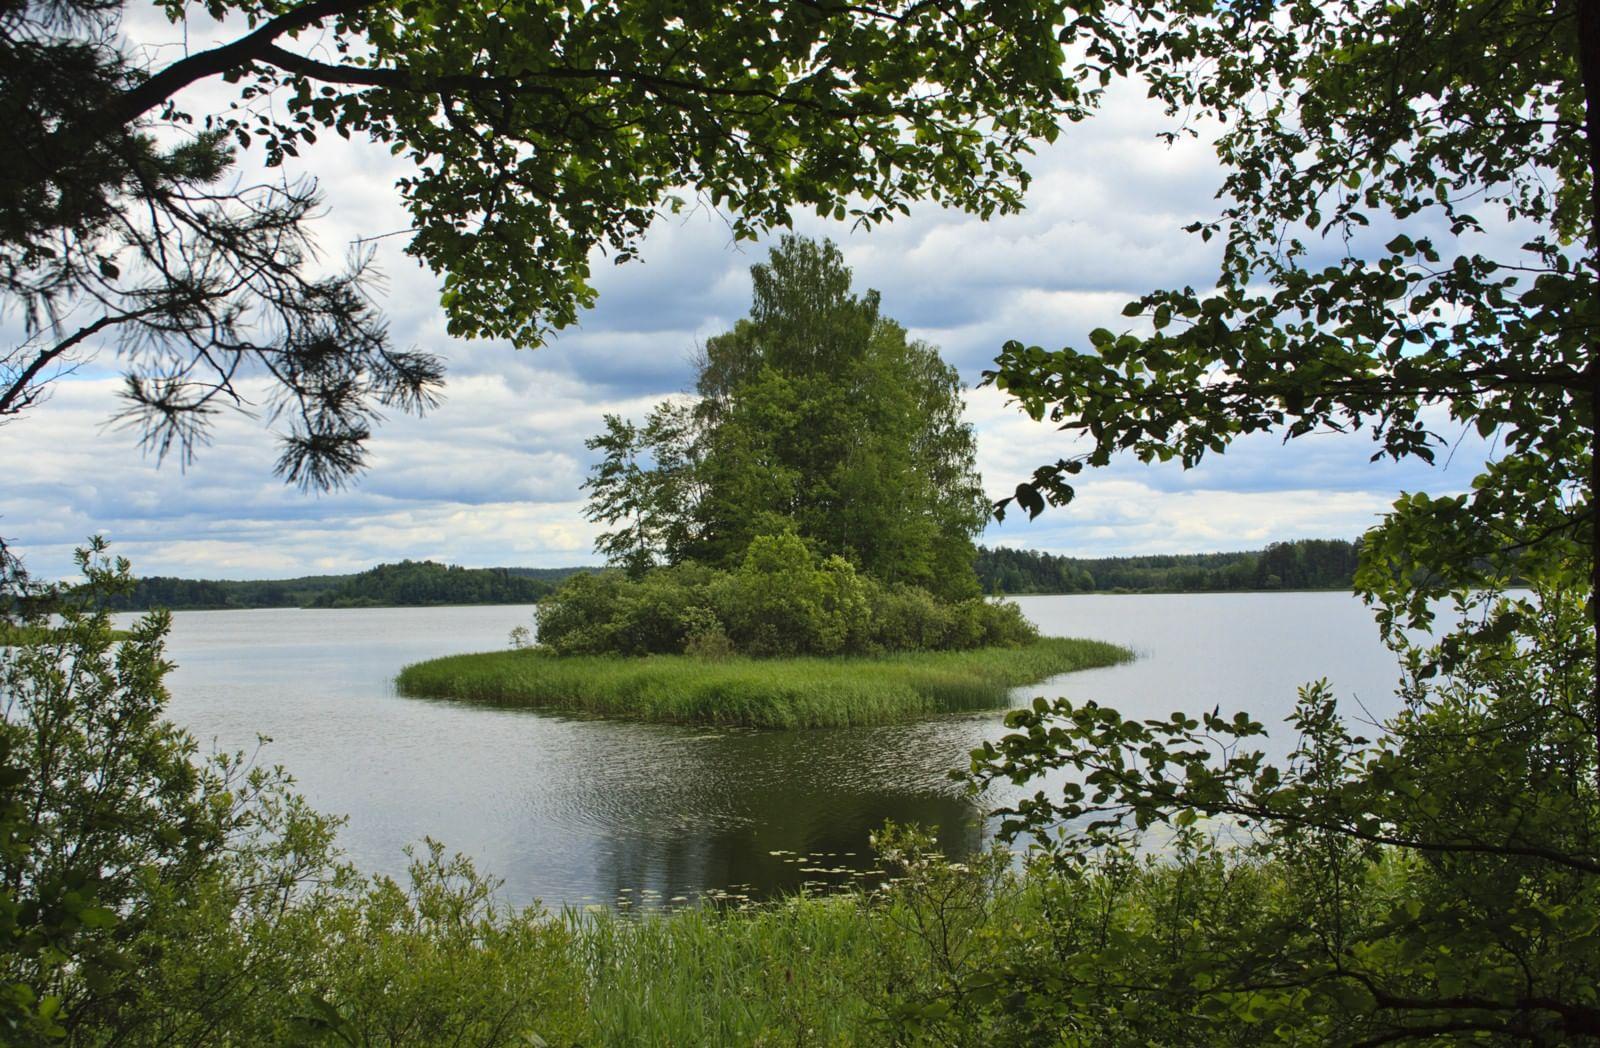 Национальный парк «Смоленское поозёрье» (Смоленская область)